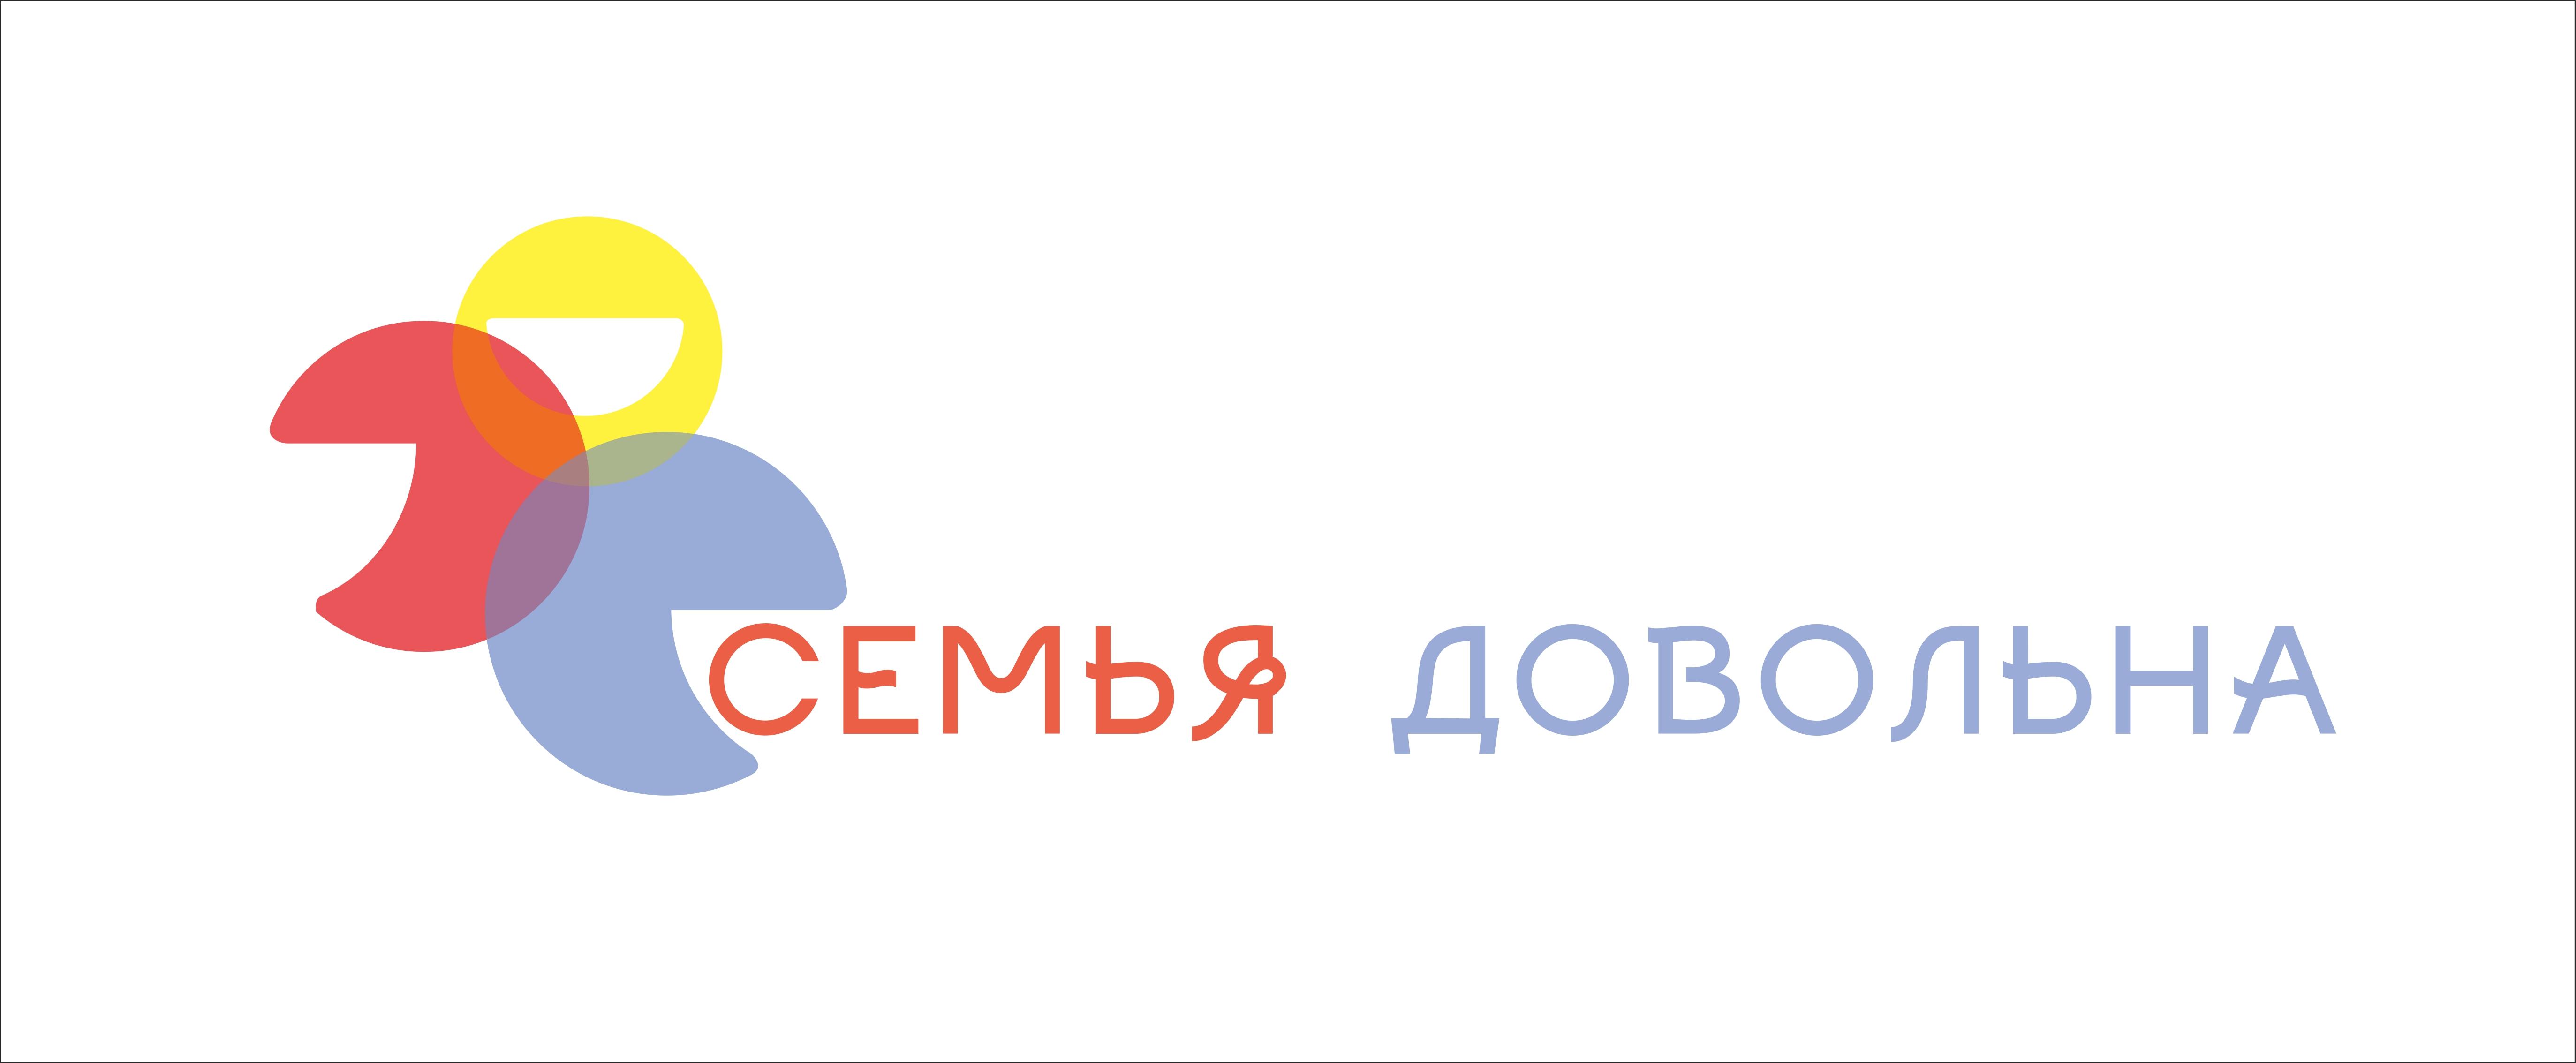 """Разработайте логотип для торговой марки """"Семья довольна"""" фото f_9165ba3c84fbaa31.jpg"""